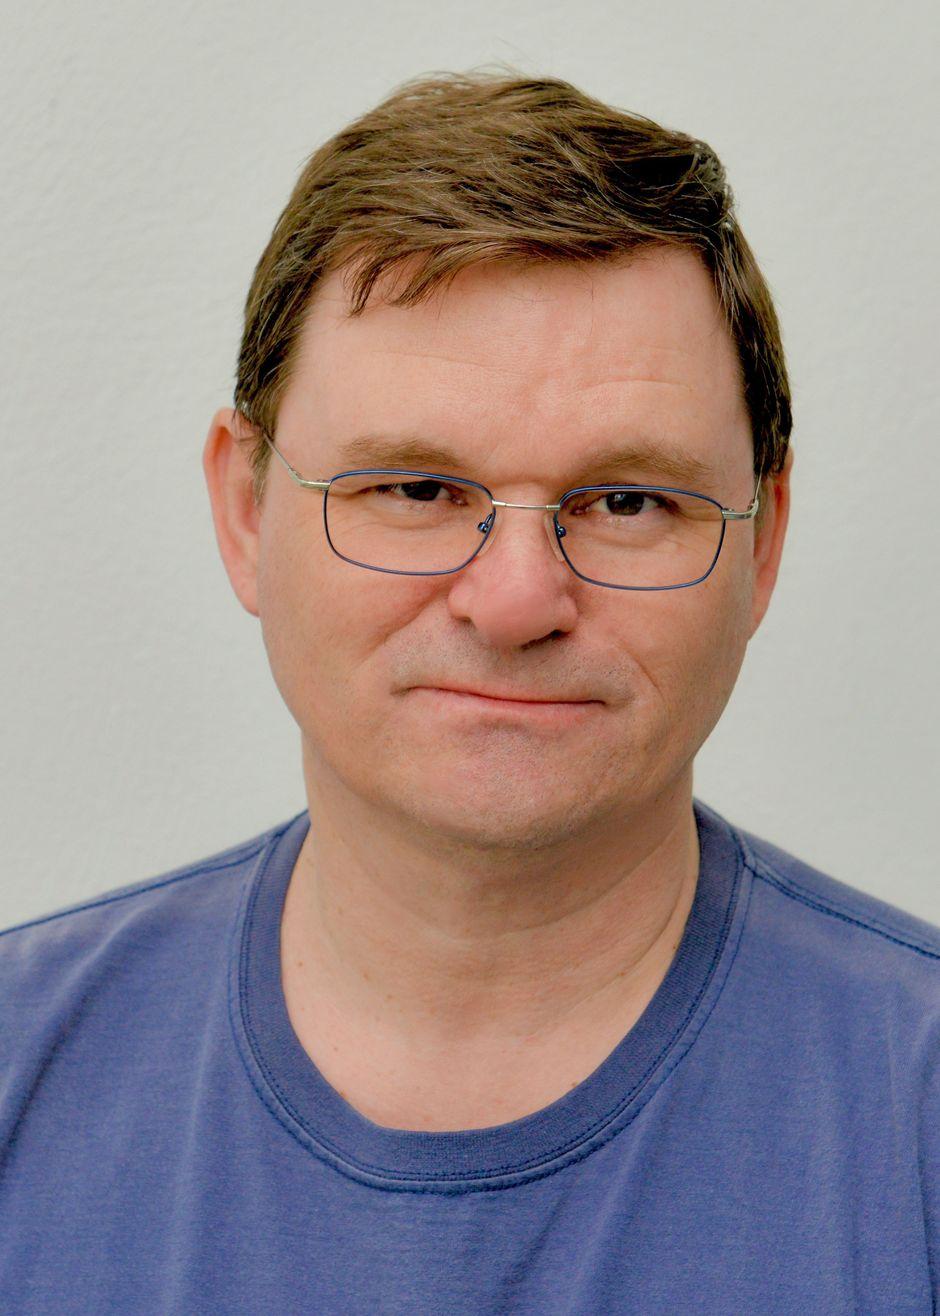 Erik Philipp